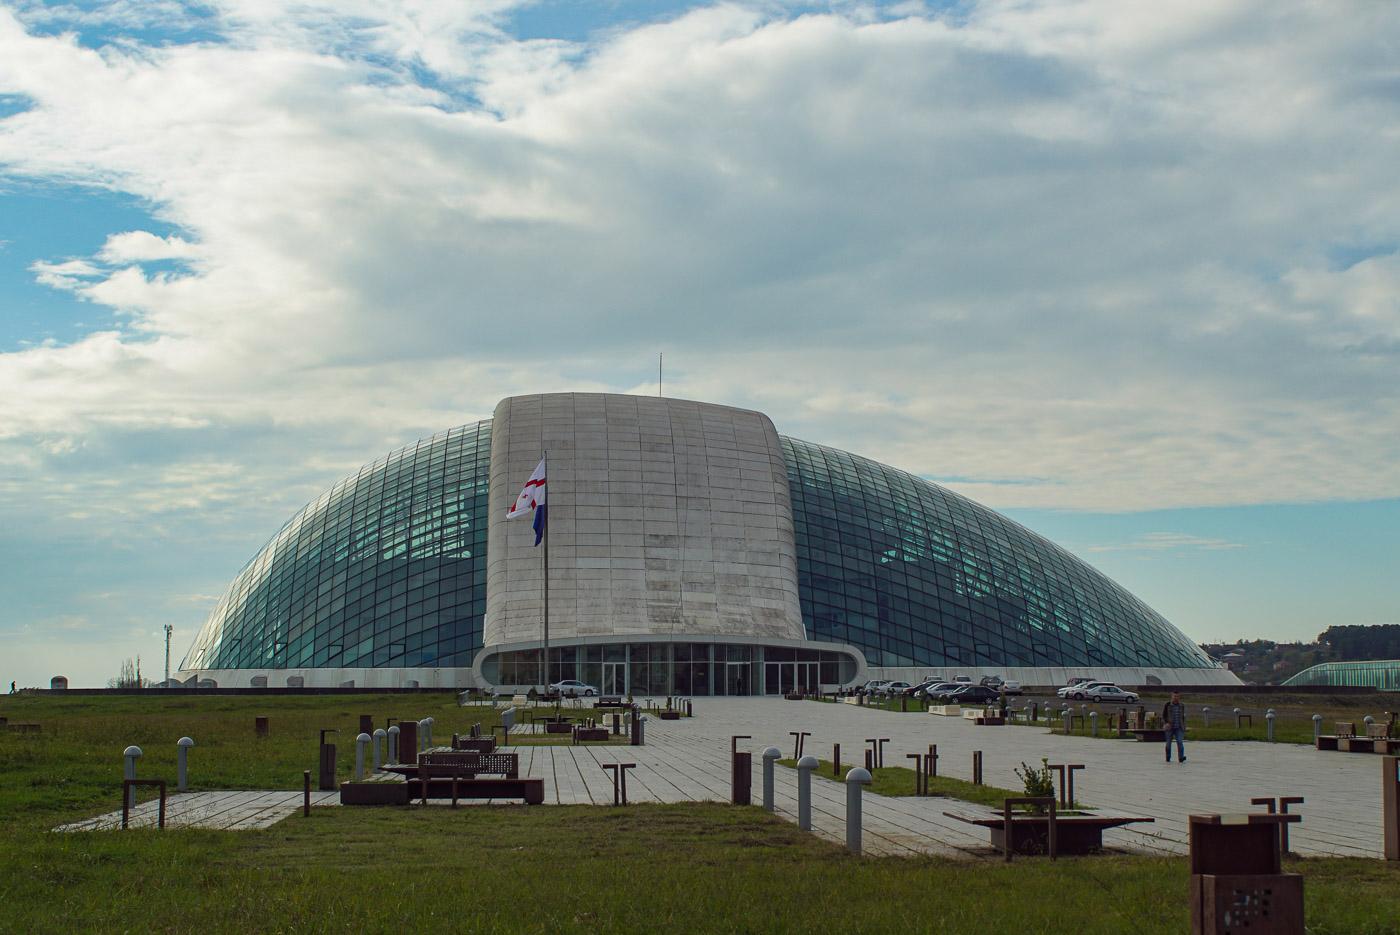 Zu sehen ist das futuristische Parlamentsgebäude in tiblissi es hat die Form eines halben Ei´s was auf der Seite liegt und von einem Betonstreifen umfasst wird. ansonsten ist es verglast und im Inneren erkennt man die einzelnen Gebäude.